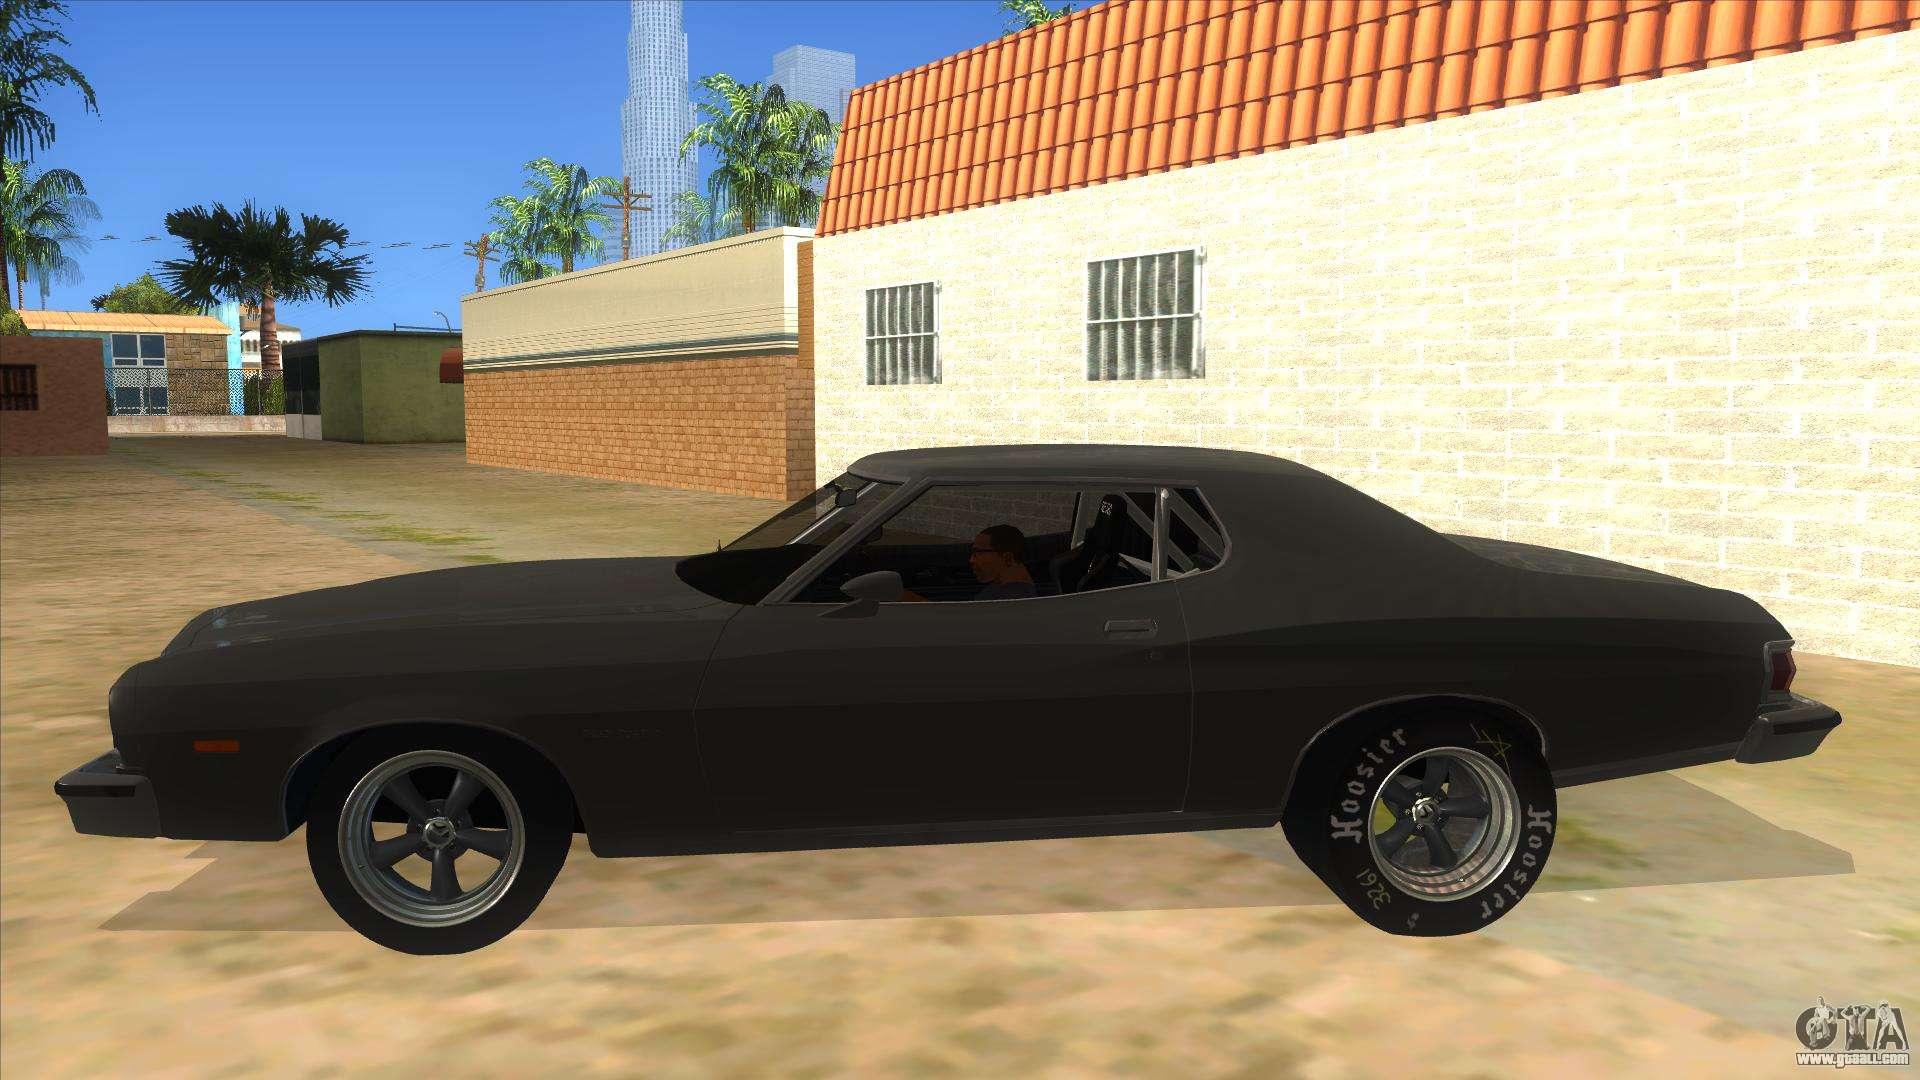 Image Result For Game Mod Drag Racinga